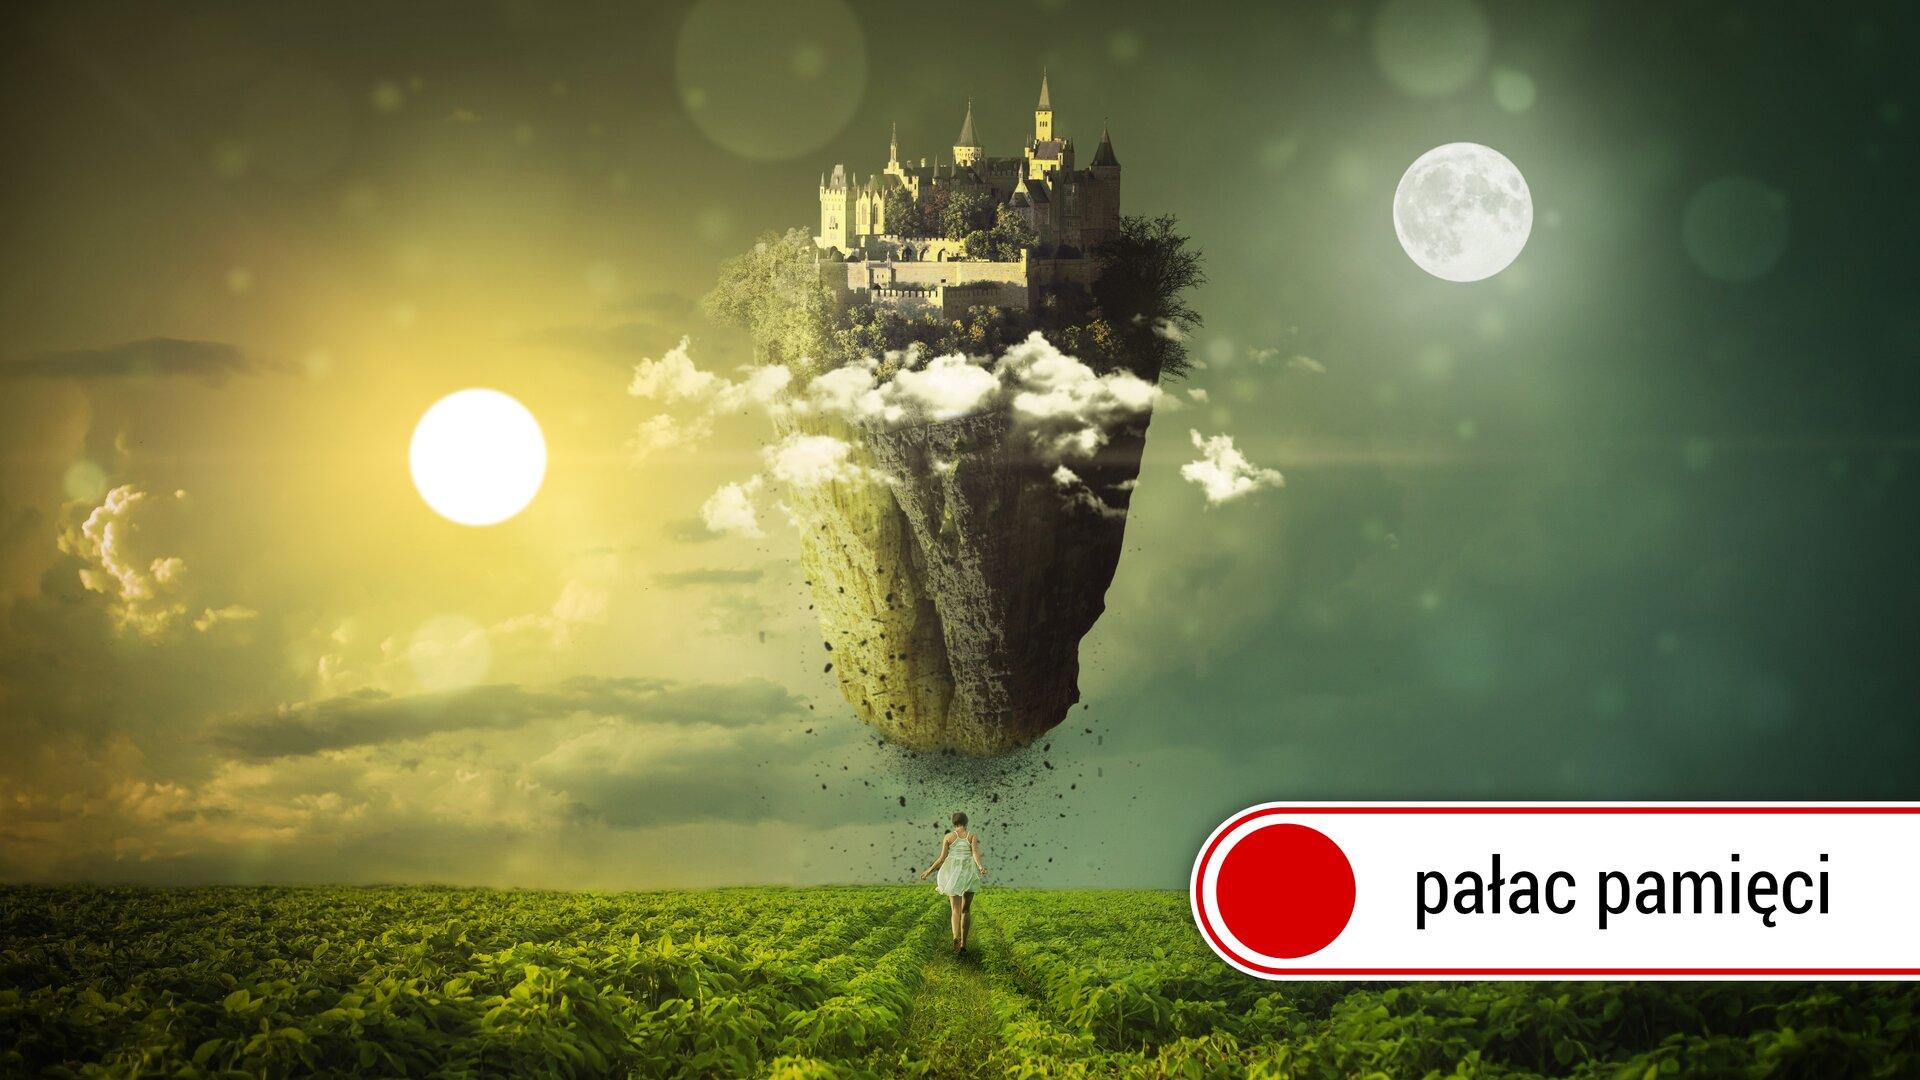 """Zdjęcie przedstawia kobietę wbiałej sukni idącą pośród zielonych traw. Po lewej stronie zdjęcia świeci słońce na tle jasnego nieba. Po prawej stronie zdjęcia widać duży okrągły biały księżyc na tle ciemnego nieba. Pośrodku zdjęcia widać unoszącą się skałę, na której szczycie znajduje się zarys budowli miasta otoczonego wysokim szarym murem. Po prawej stronie, wdolnym rogu zdjęcia znajduje się niewielki biały prostokąt zczerwoną kropką inapisem """"pałac pamięci""""."""